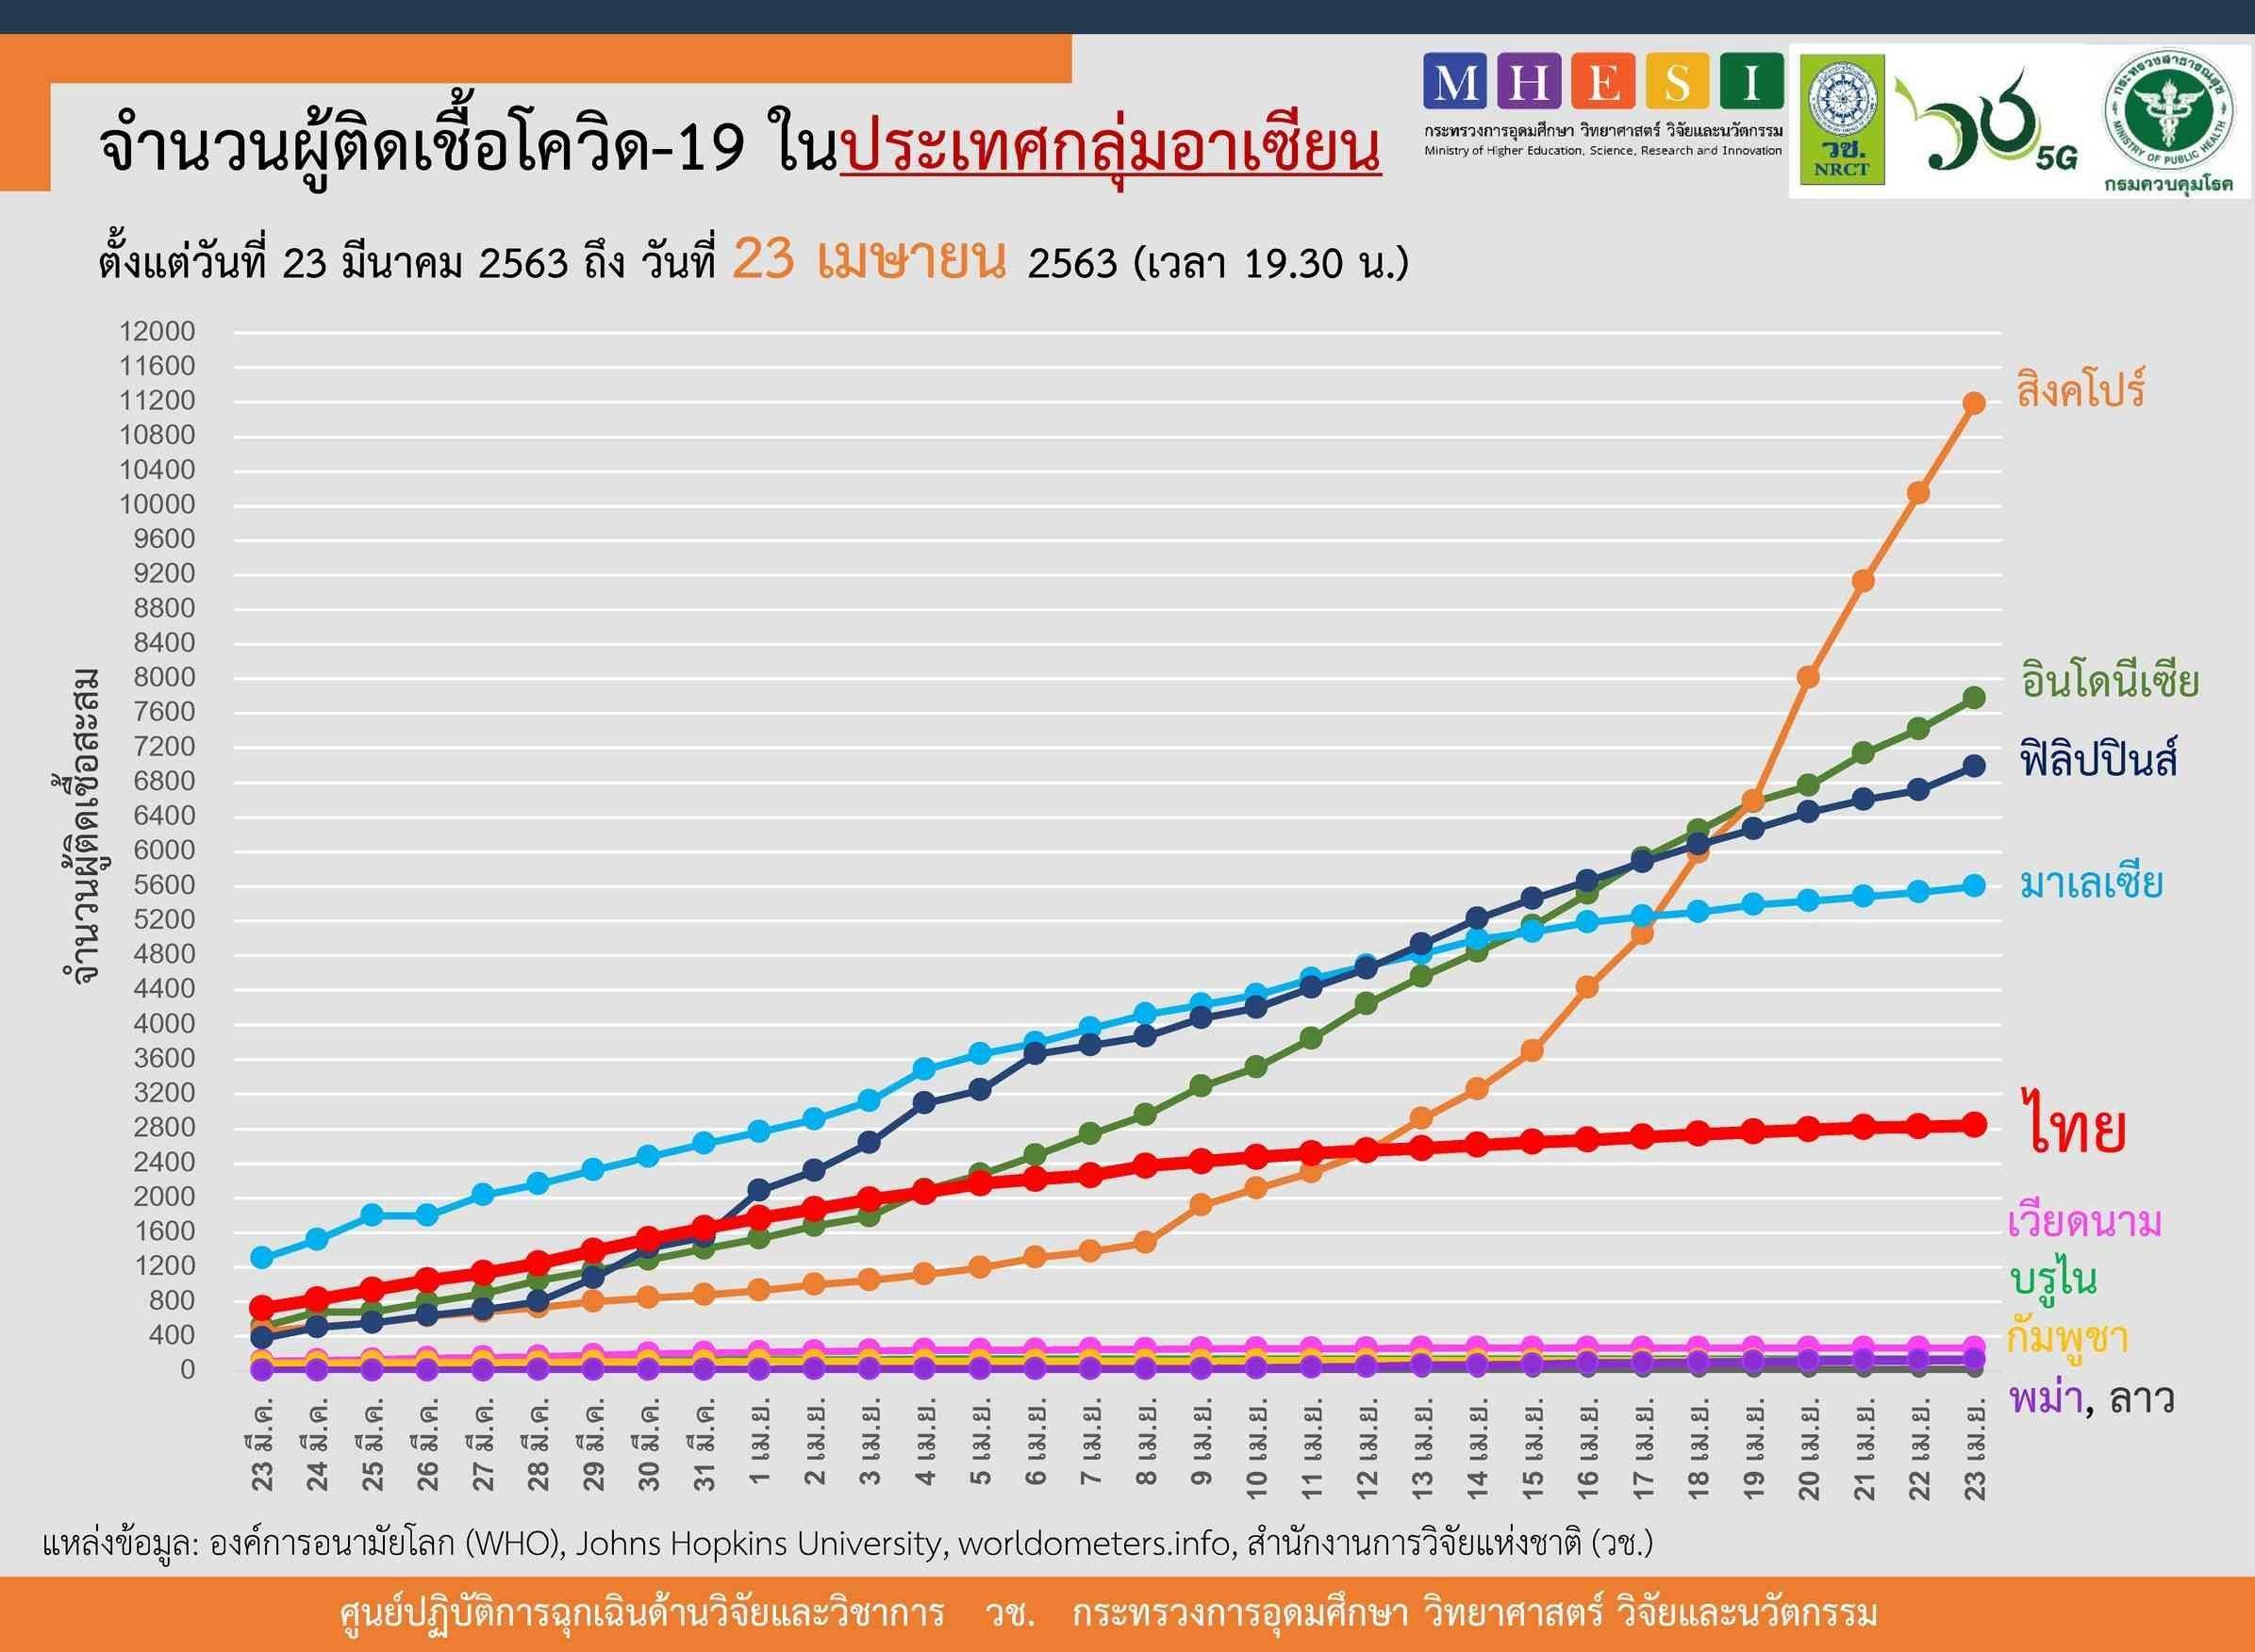 อาเซียนวันนี้ 'สิงคโปร์' ติดเชื้อใหม่กว่าพันราย ยอดสะสมทะลุหมื่น 'อินโด' ดับสูงสุด